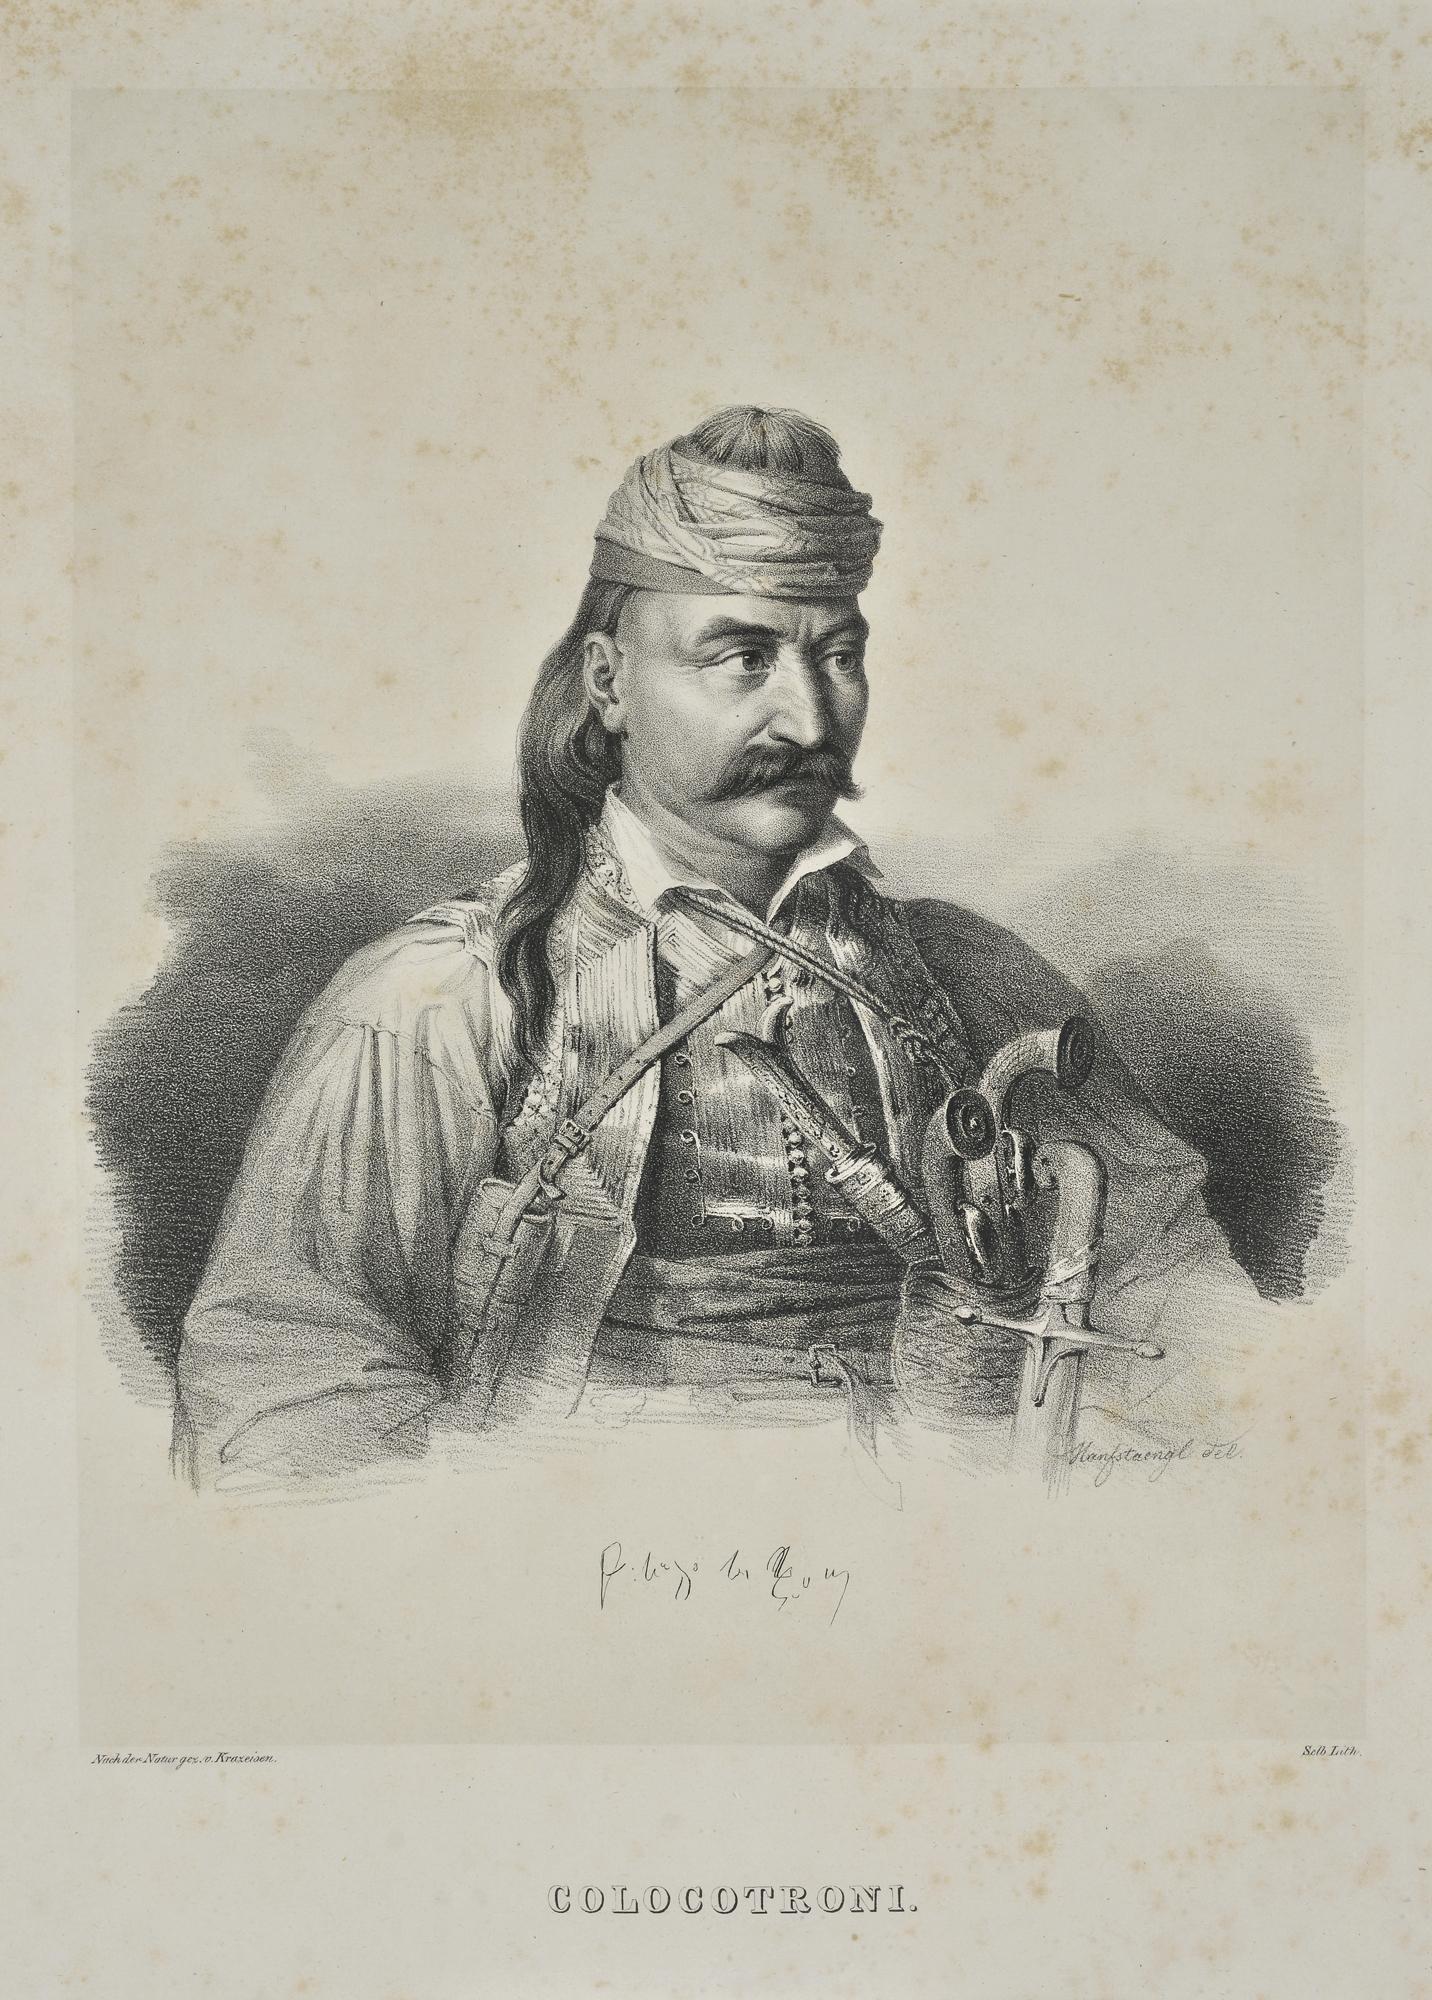 Κρατσάιζεν Καρλ, Θεόδωρος Κολοκοτρώνης, 1828, credits: Εθνική Πινακοθήκη της Ελλάδος